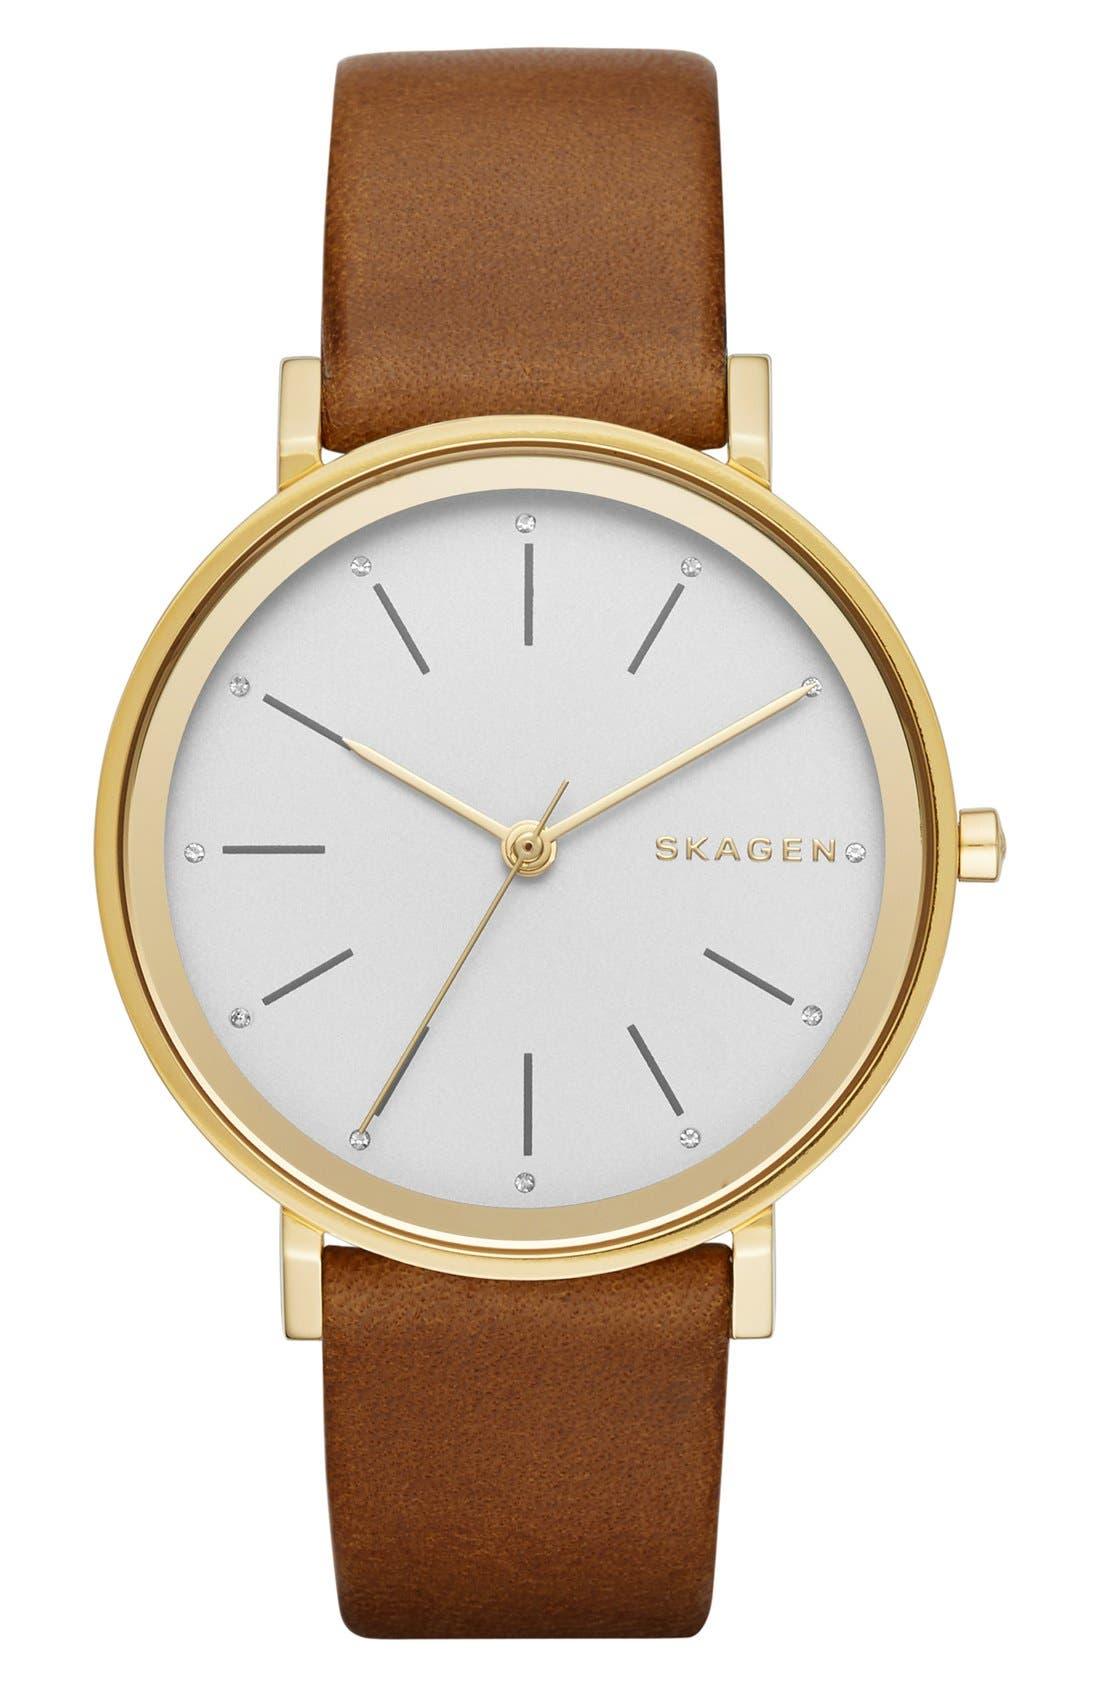 Main Image - Skagen 'Hald' Round Leather Strap Watch, 34mm